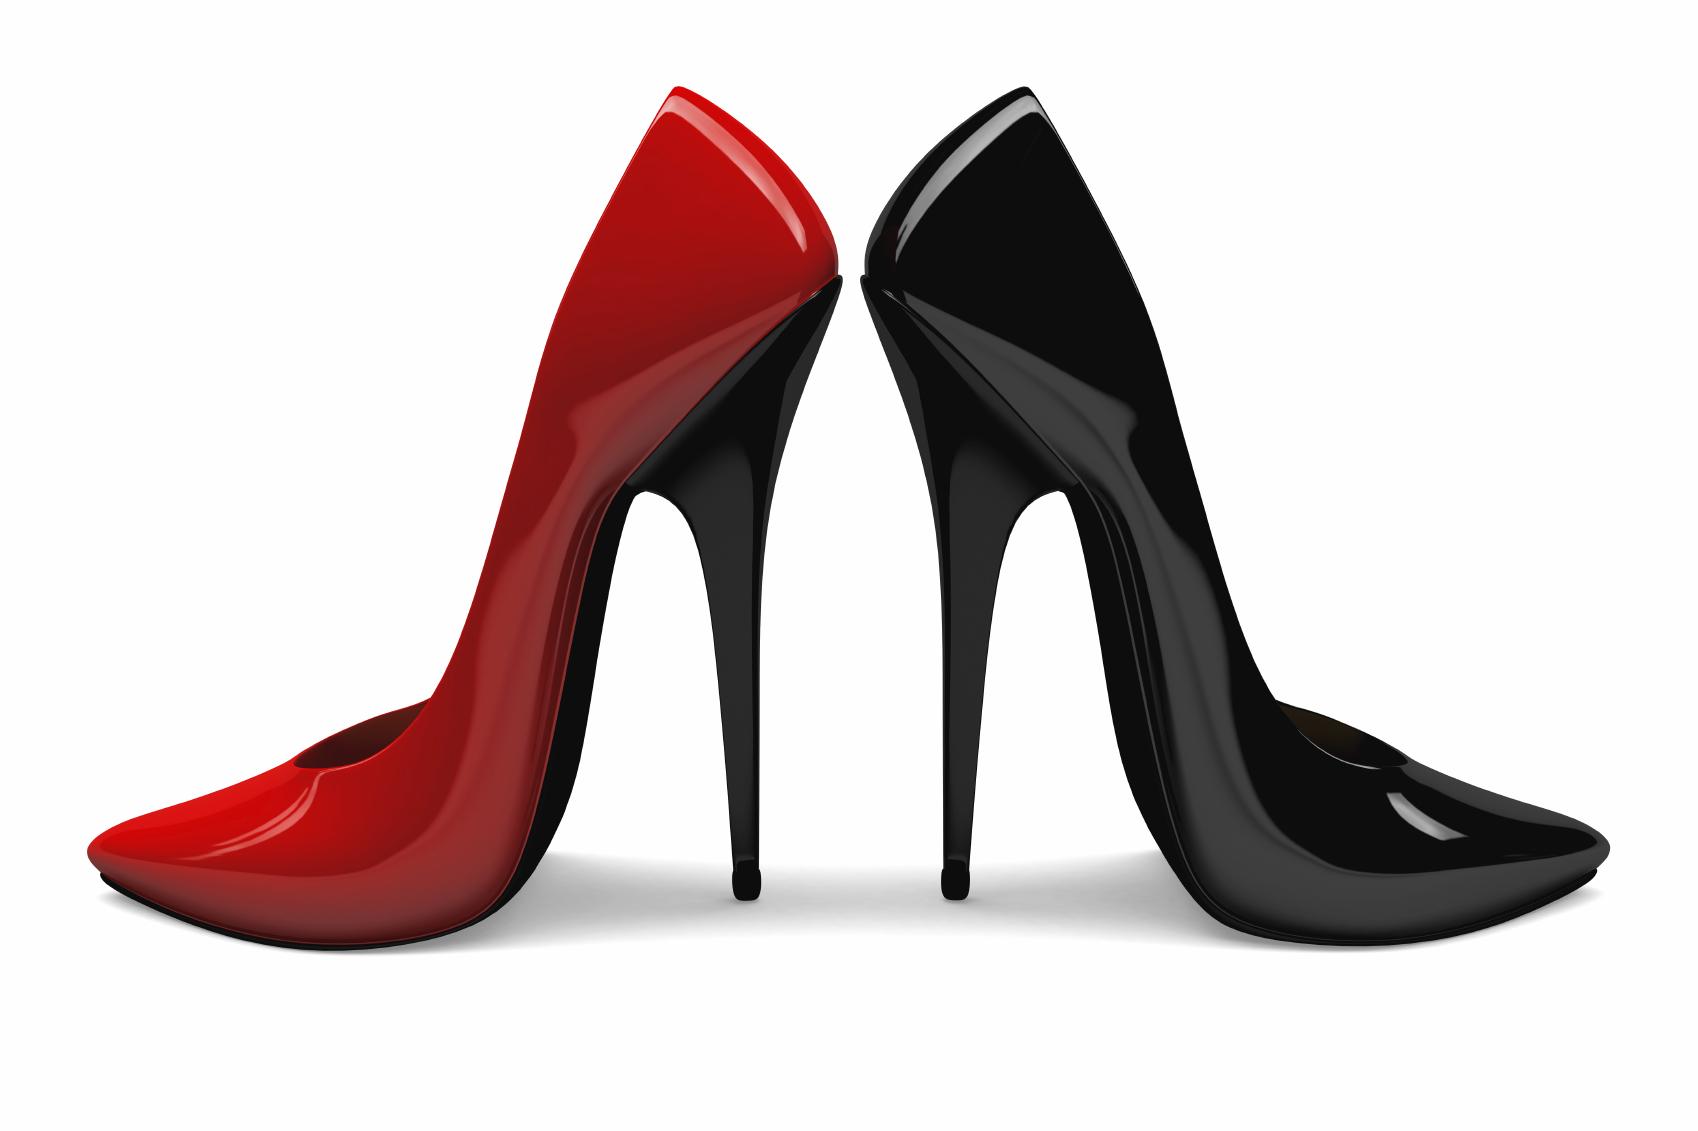 Tacchi alti  quando la scarpa è anche questione di sopravvivenza! 2d03eba6981